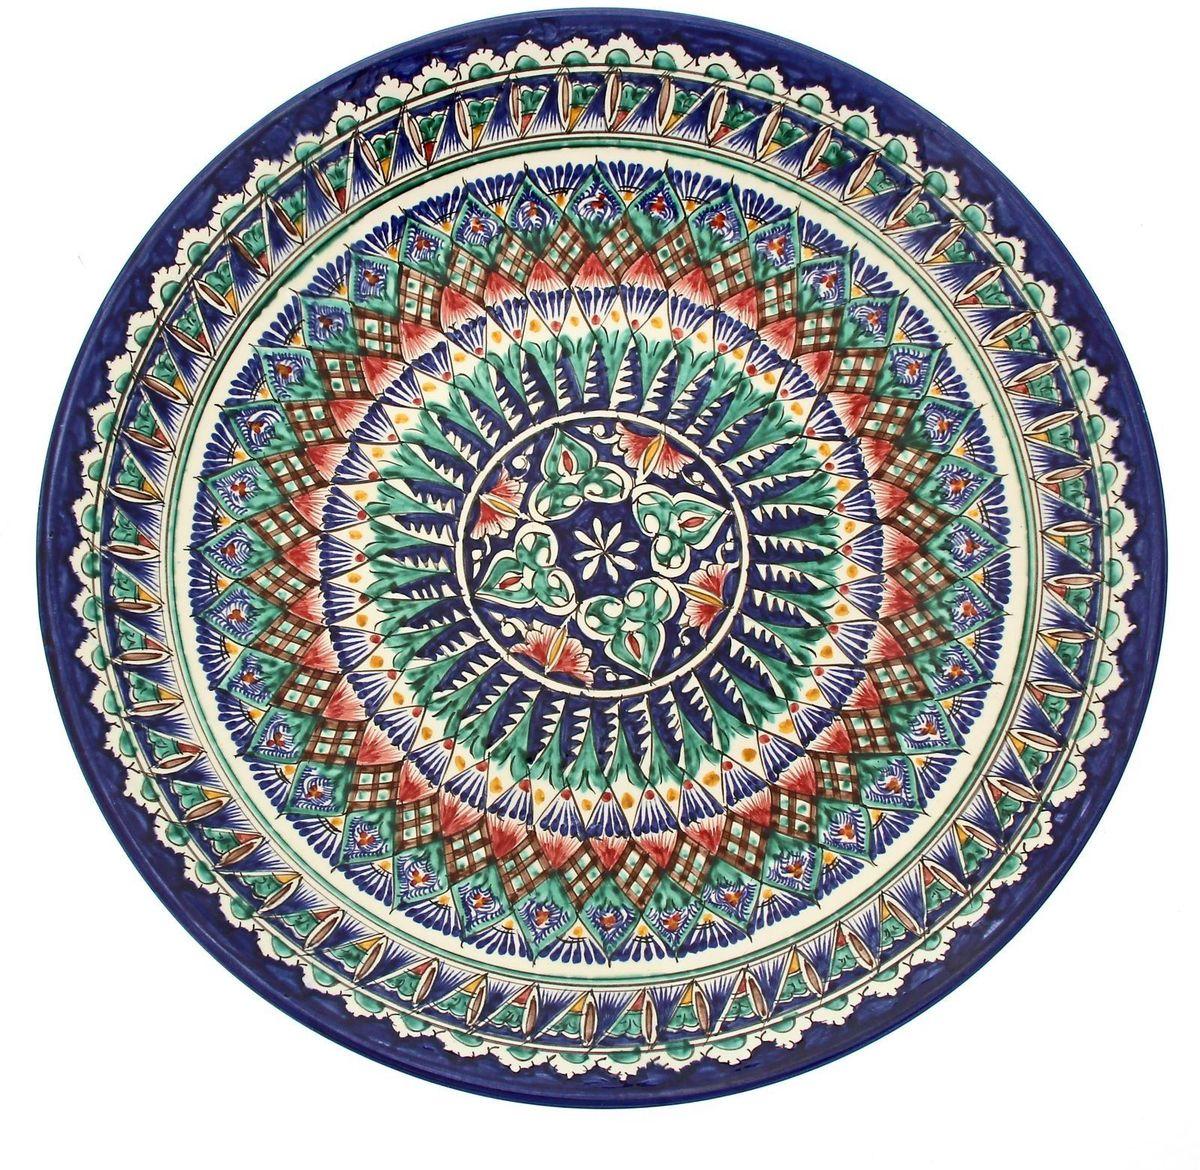 Ляган Риштанская керамика, диаметр 41 см. 19234731923473Ляган Риштанская керамика - это не просто обеденный атрибут, это украшение стола. Посуда с национальной росписью станет отменным подарком для ценителей высокородной посуды.Риштан - город на востоке Узбекистана, один из древнейших в Ферганской долине. С давних времен Риштан славится своим гончарным искусством изготовления цветной керамики. Красноватую глину для изделия добывают в самом городе. Мастера утверждают, что их глина настолько высокого качества, что даже не нуждается в предварительной обработке. Дополните коллекцию кухонных аксессуаров пряными восточными нотами!